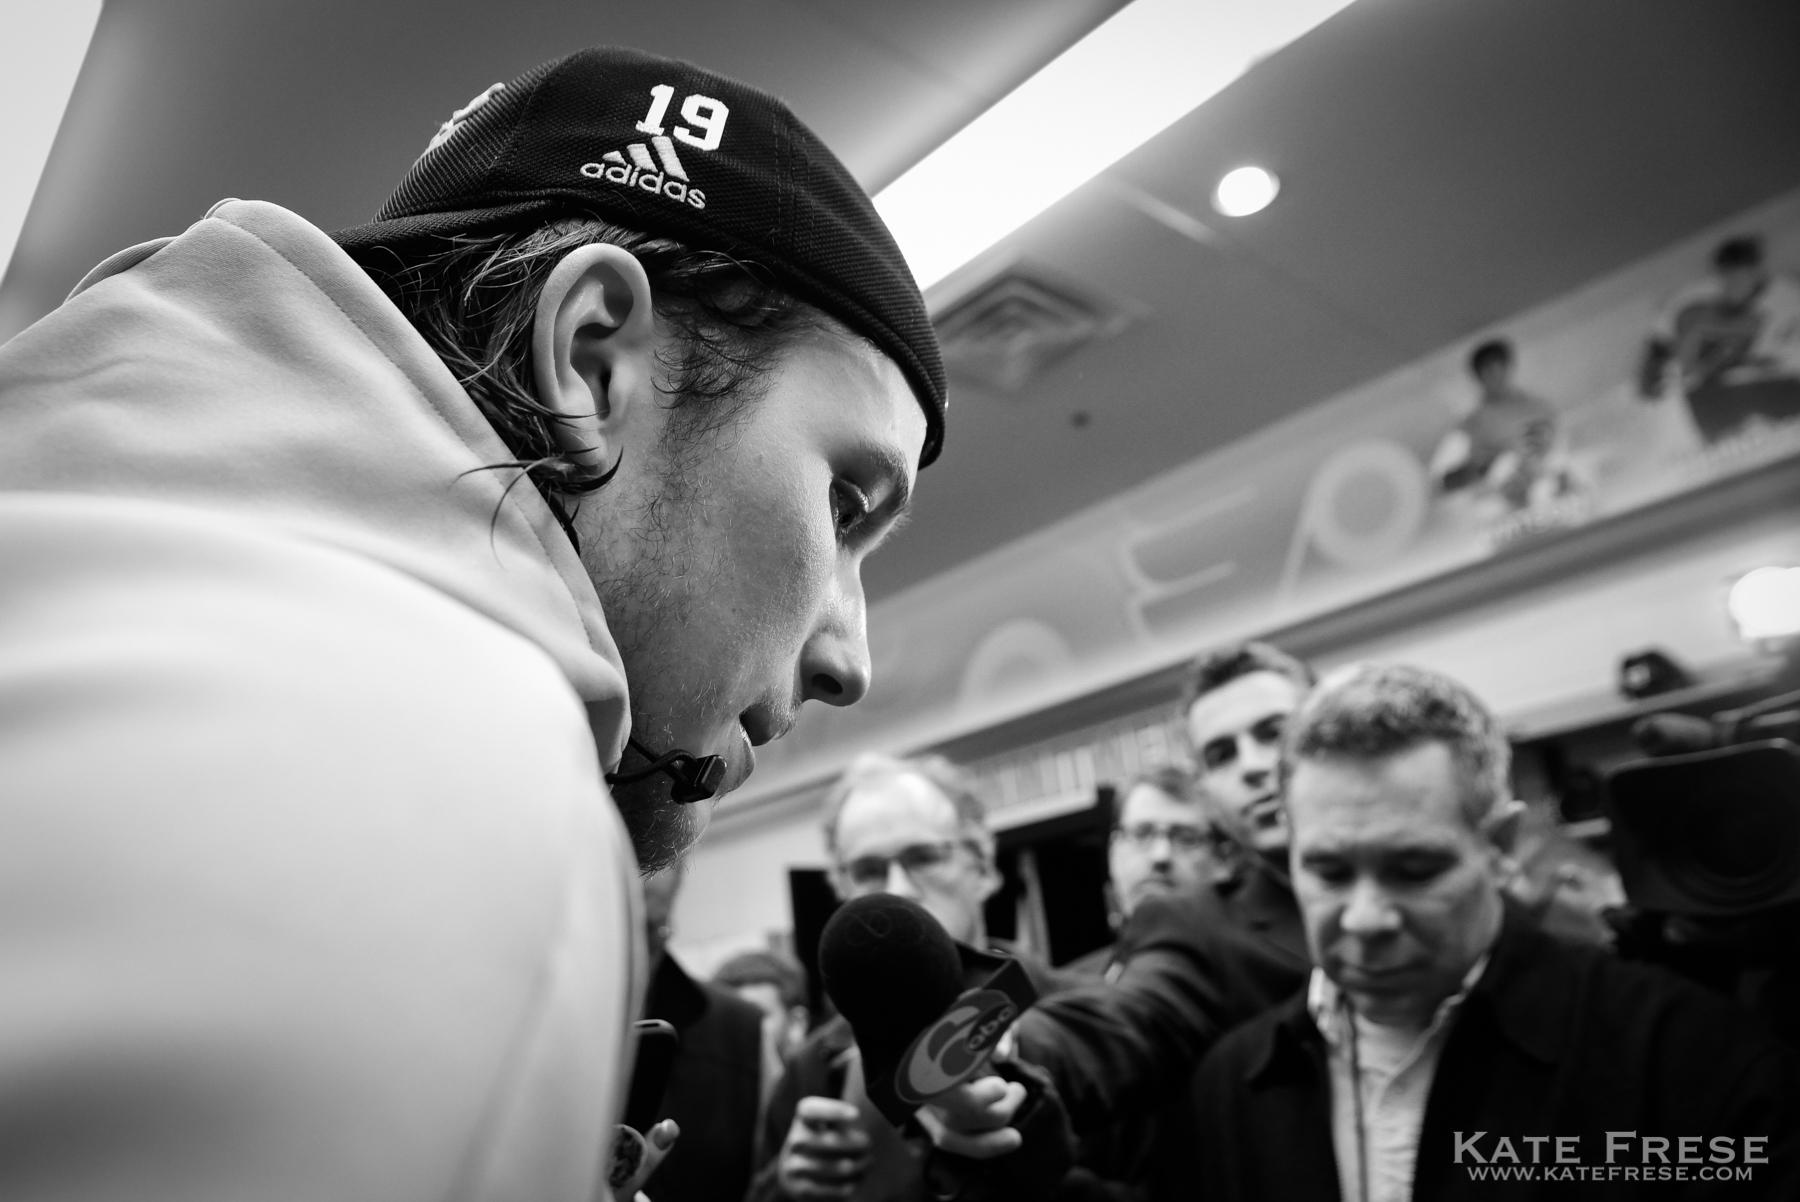 4-18-2018_FlyersvsPens_3rd_playoffs_firstround_credKateFrese-25